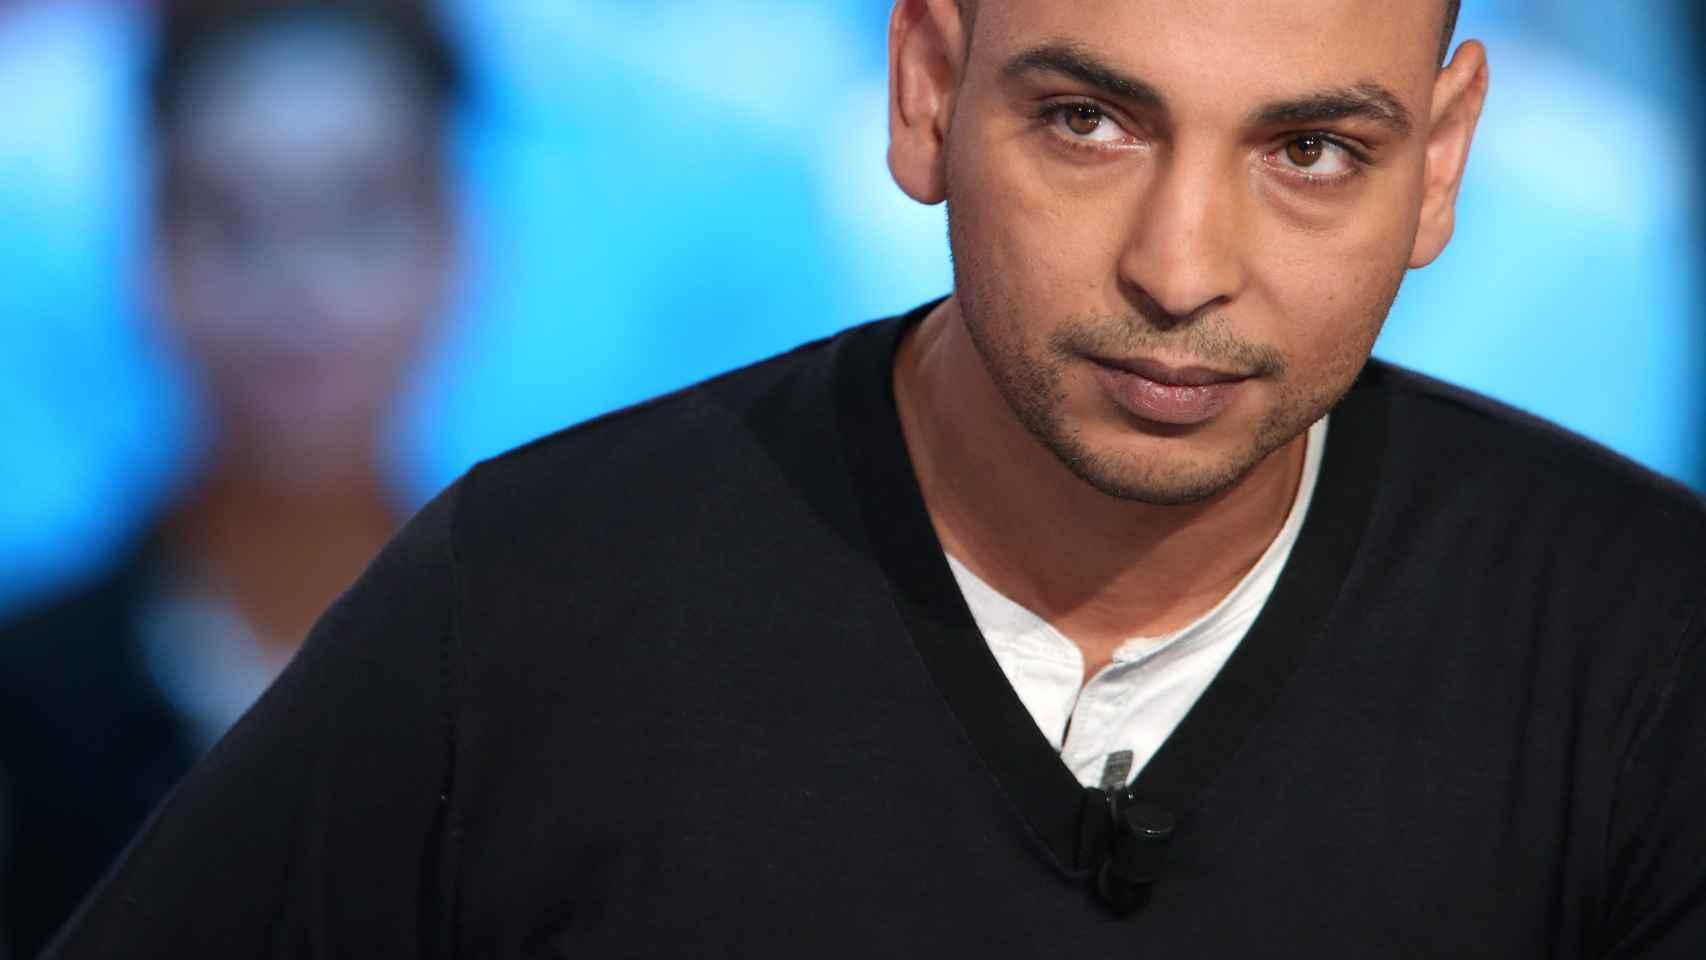 El hermano de Mohammed en un programa de TV francés en noviembre de 2012.